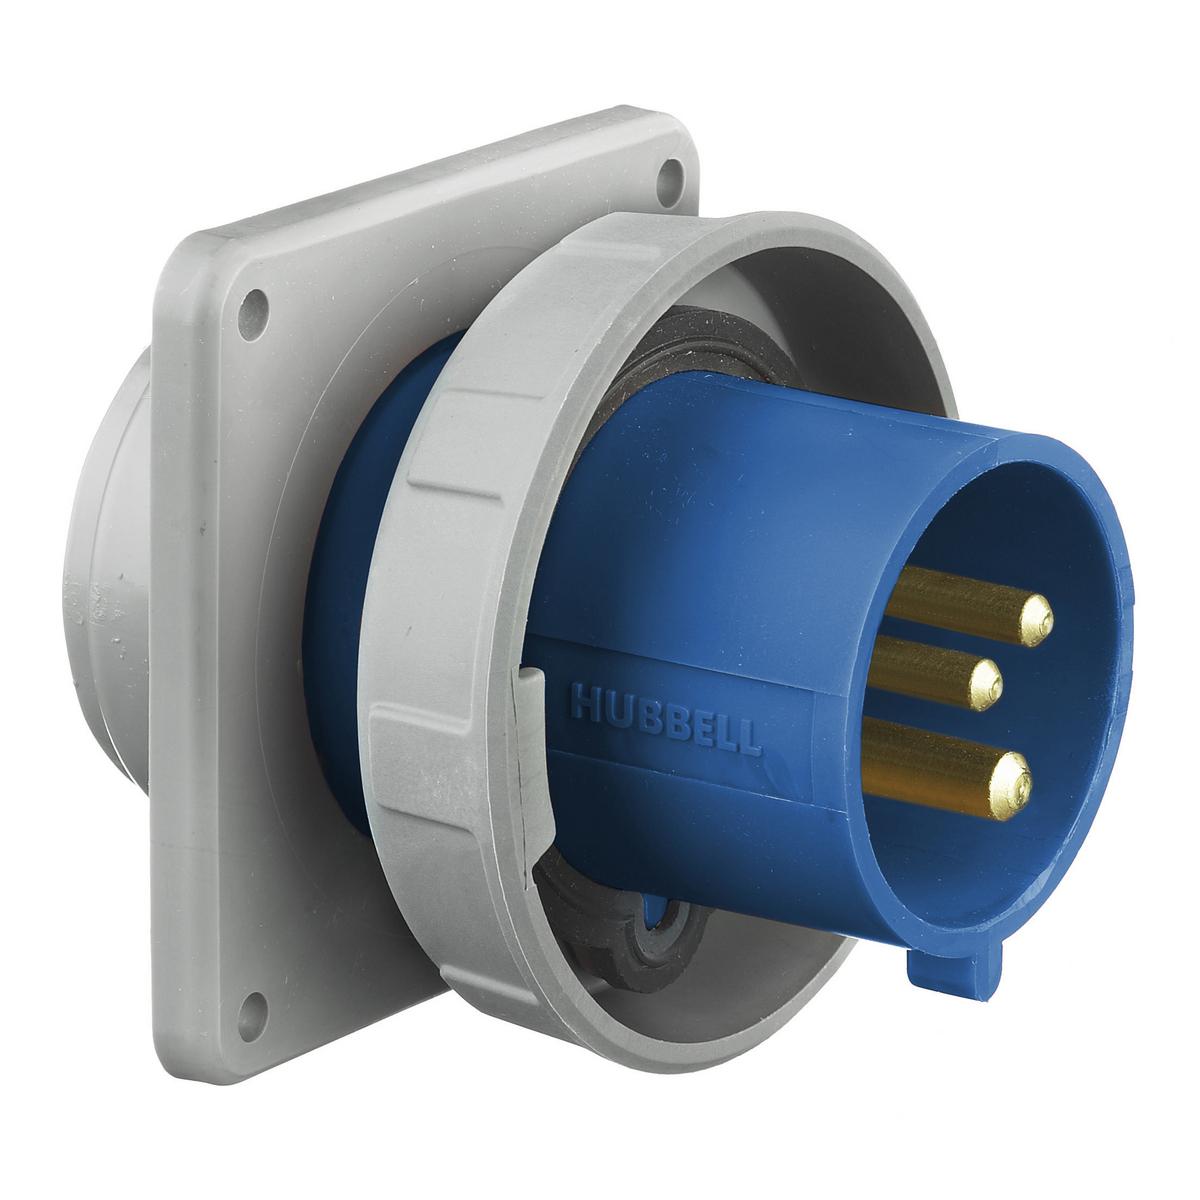 Hubbell HBL330B6W PS, IEC, B, 2P3W, 30A 250V, IP67